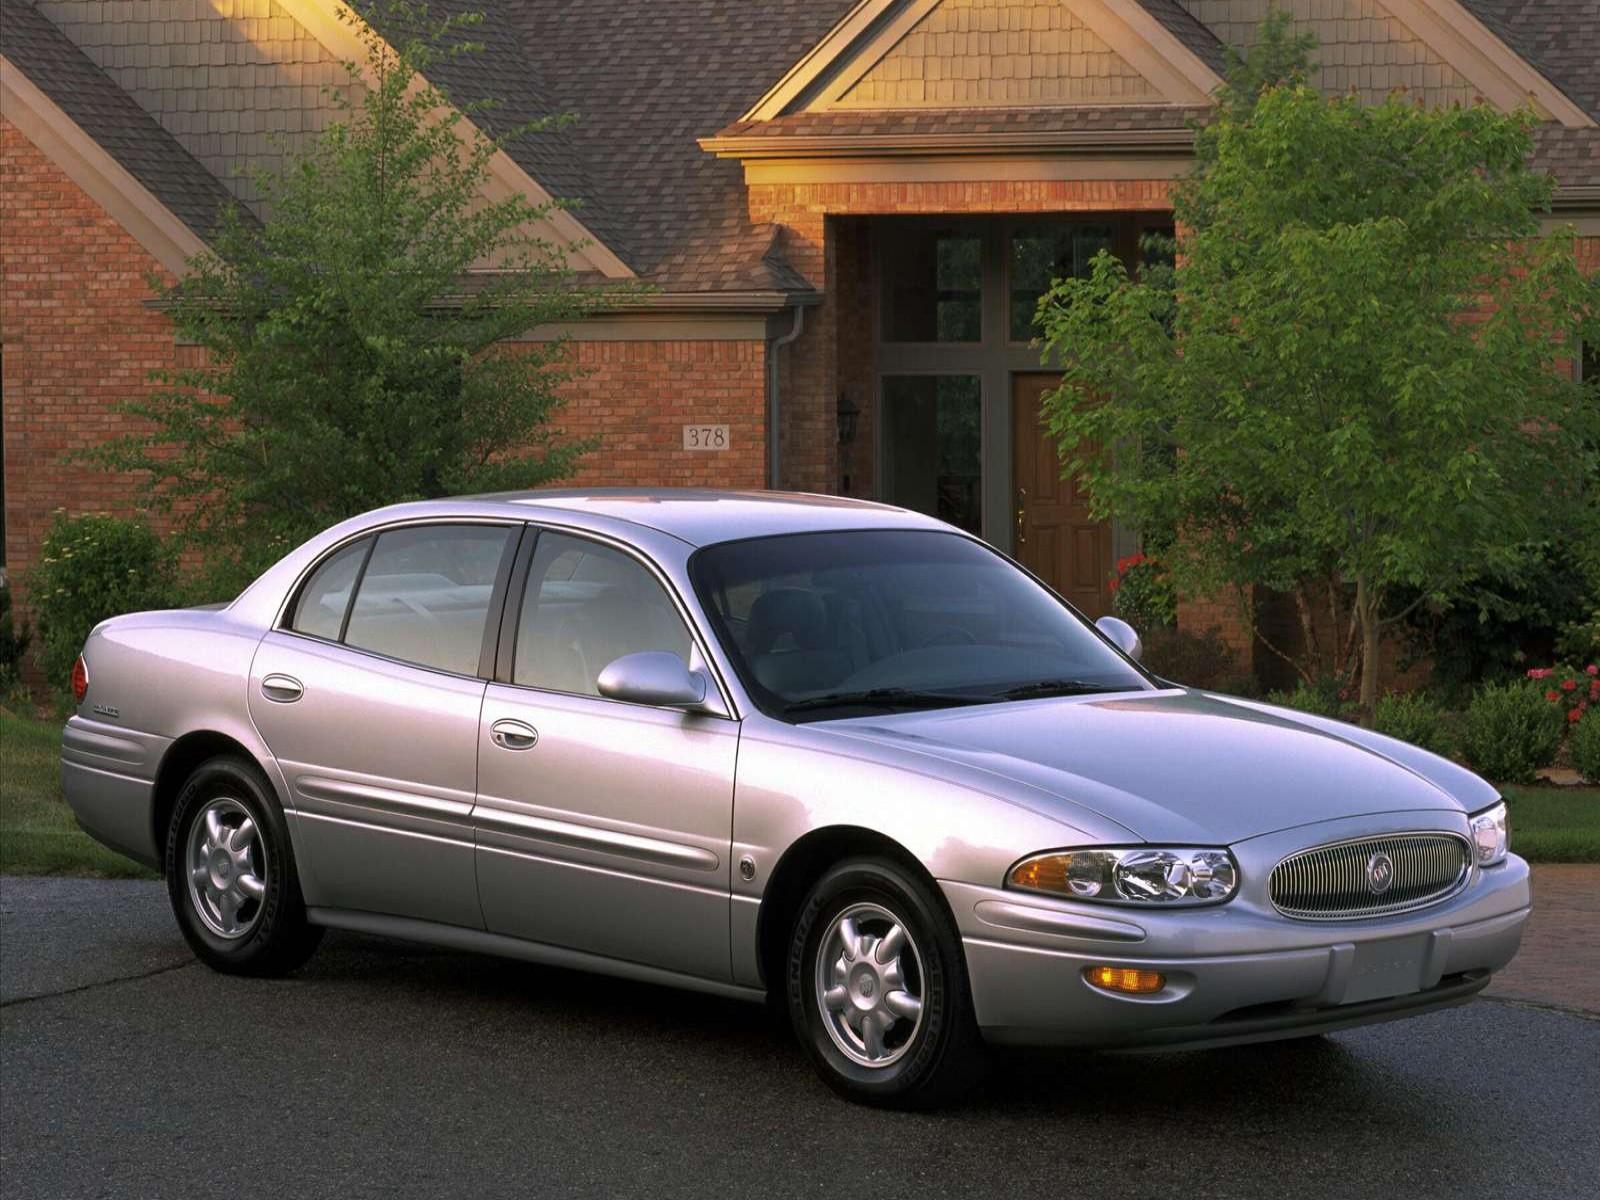 Car Pictures: Buick LeSabre 2001